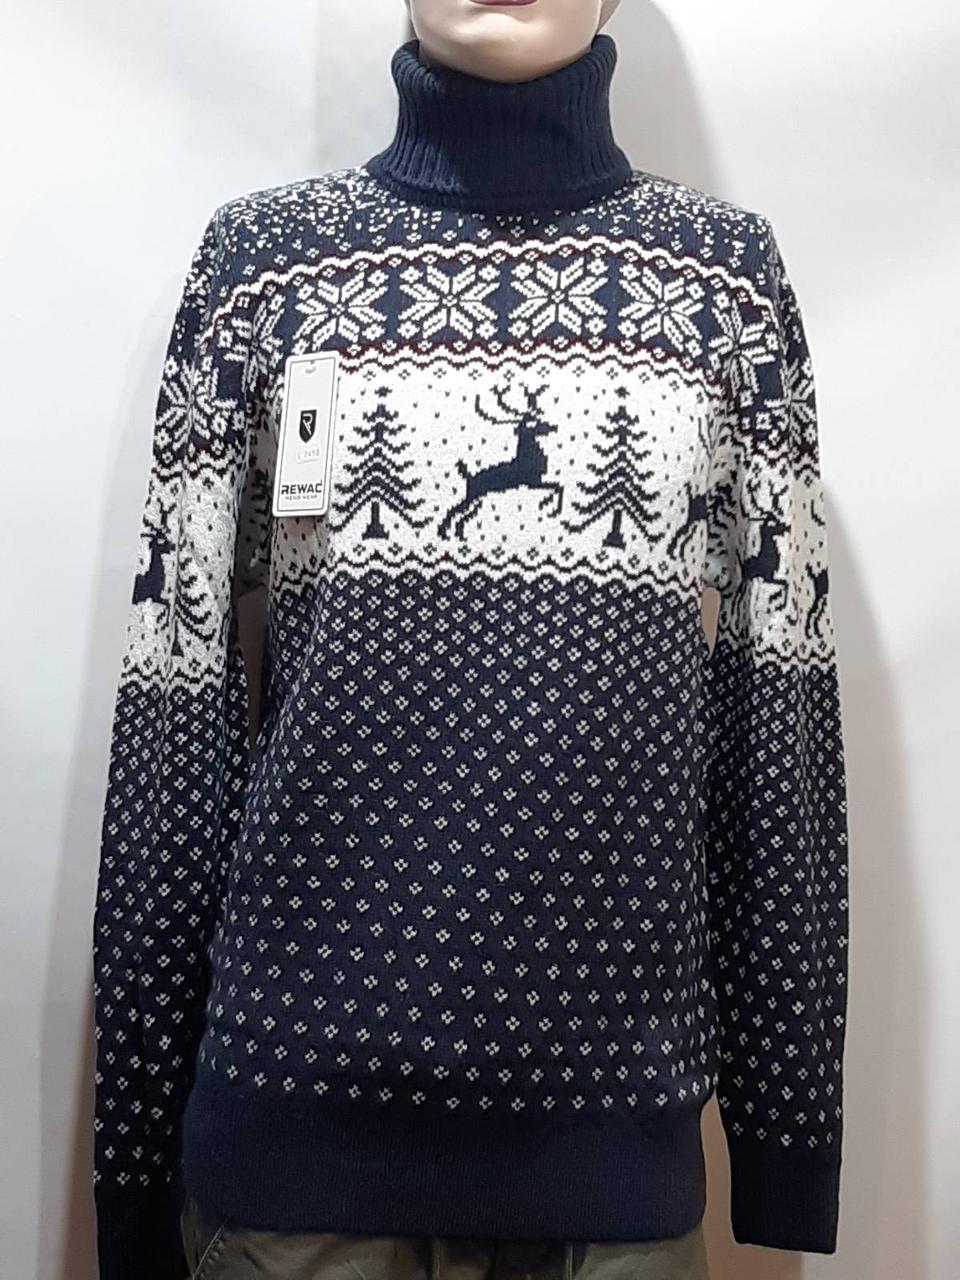 Шерстяной мужской свитер с оленями Rewac под горло Турецкий качественный гольф Темно-синий